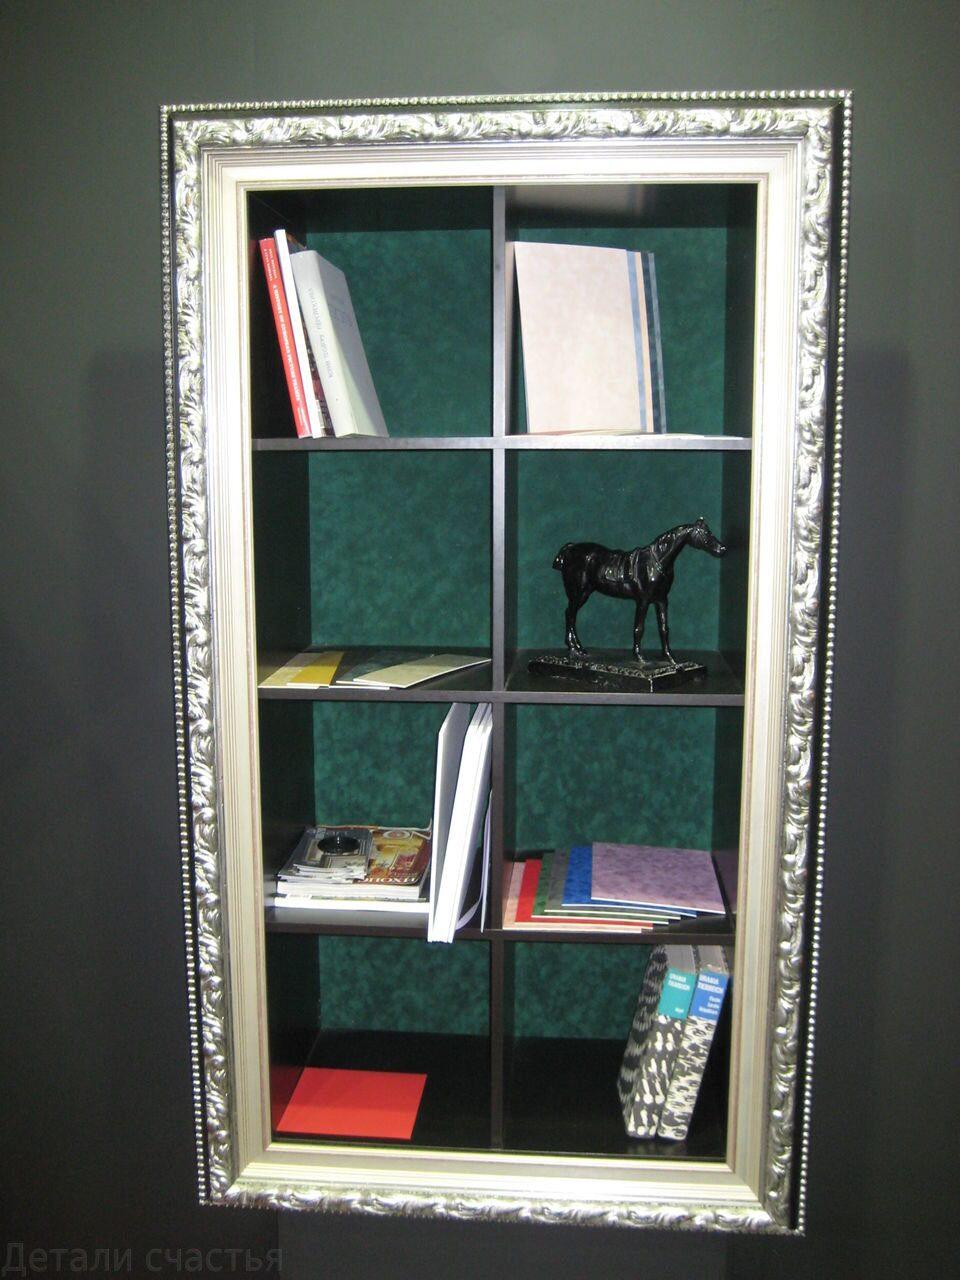 Обрамление полки для книг багетом. декорирование интерьеров.